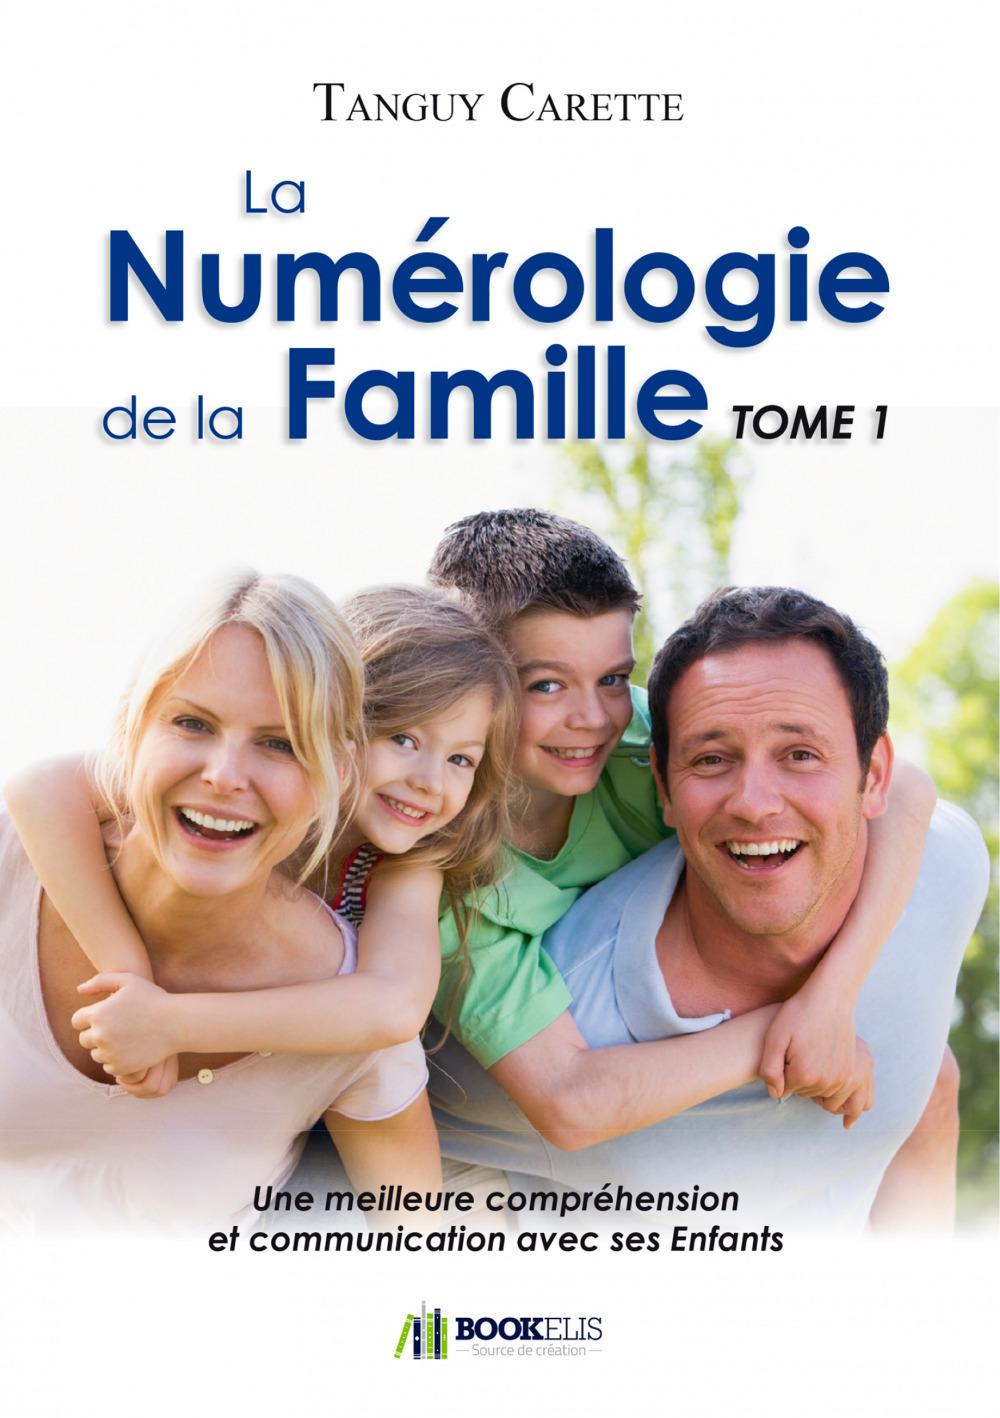 La Numérologie de la Famille, Tome 1 - Une meilleure communication avec ses Enfants